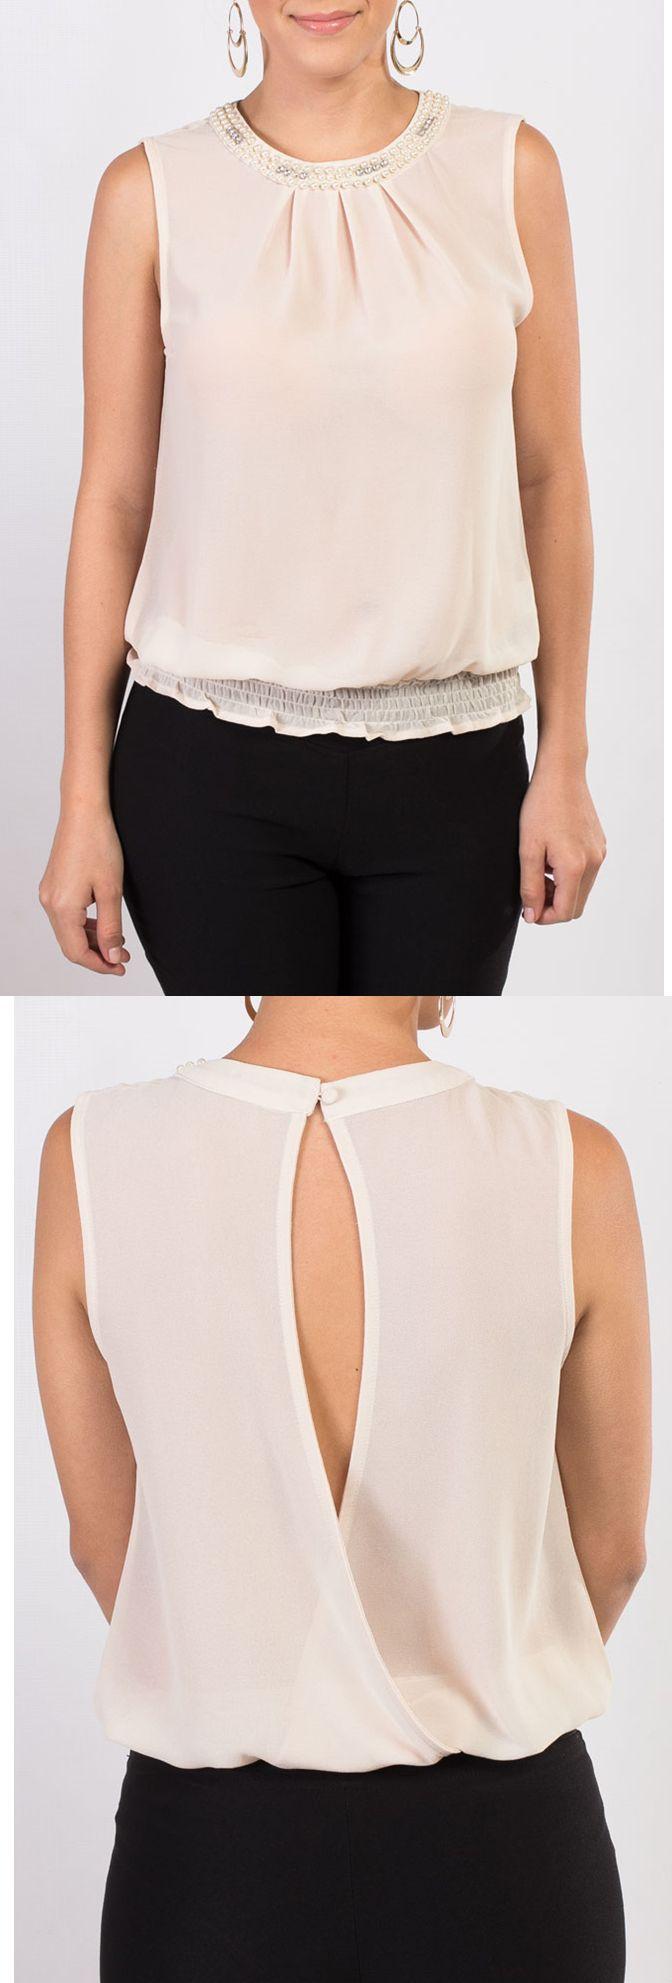 Blusa de chiffon en color beige, sin mangas y con un bello escote en la espalda, también disponible en colores anaranjado y negro.